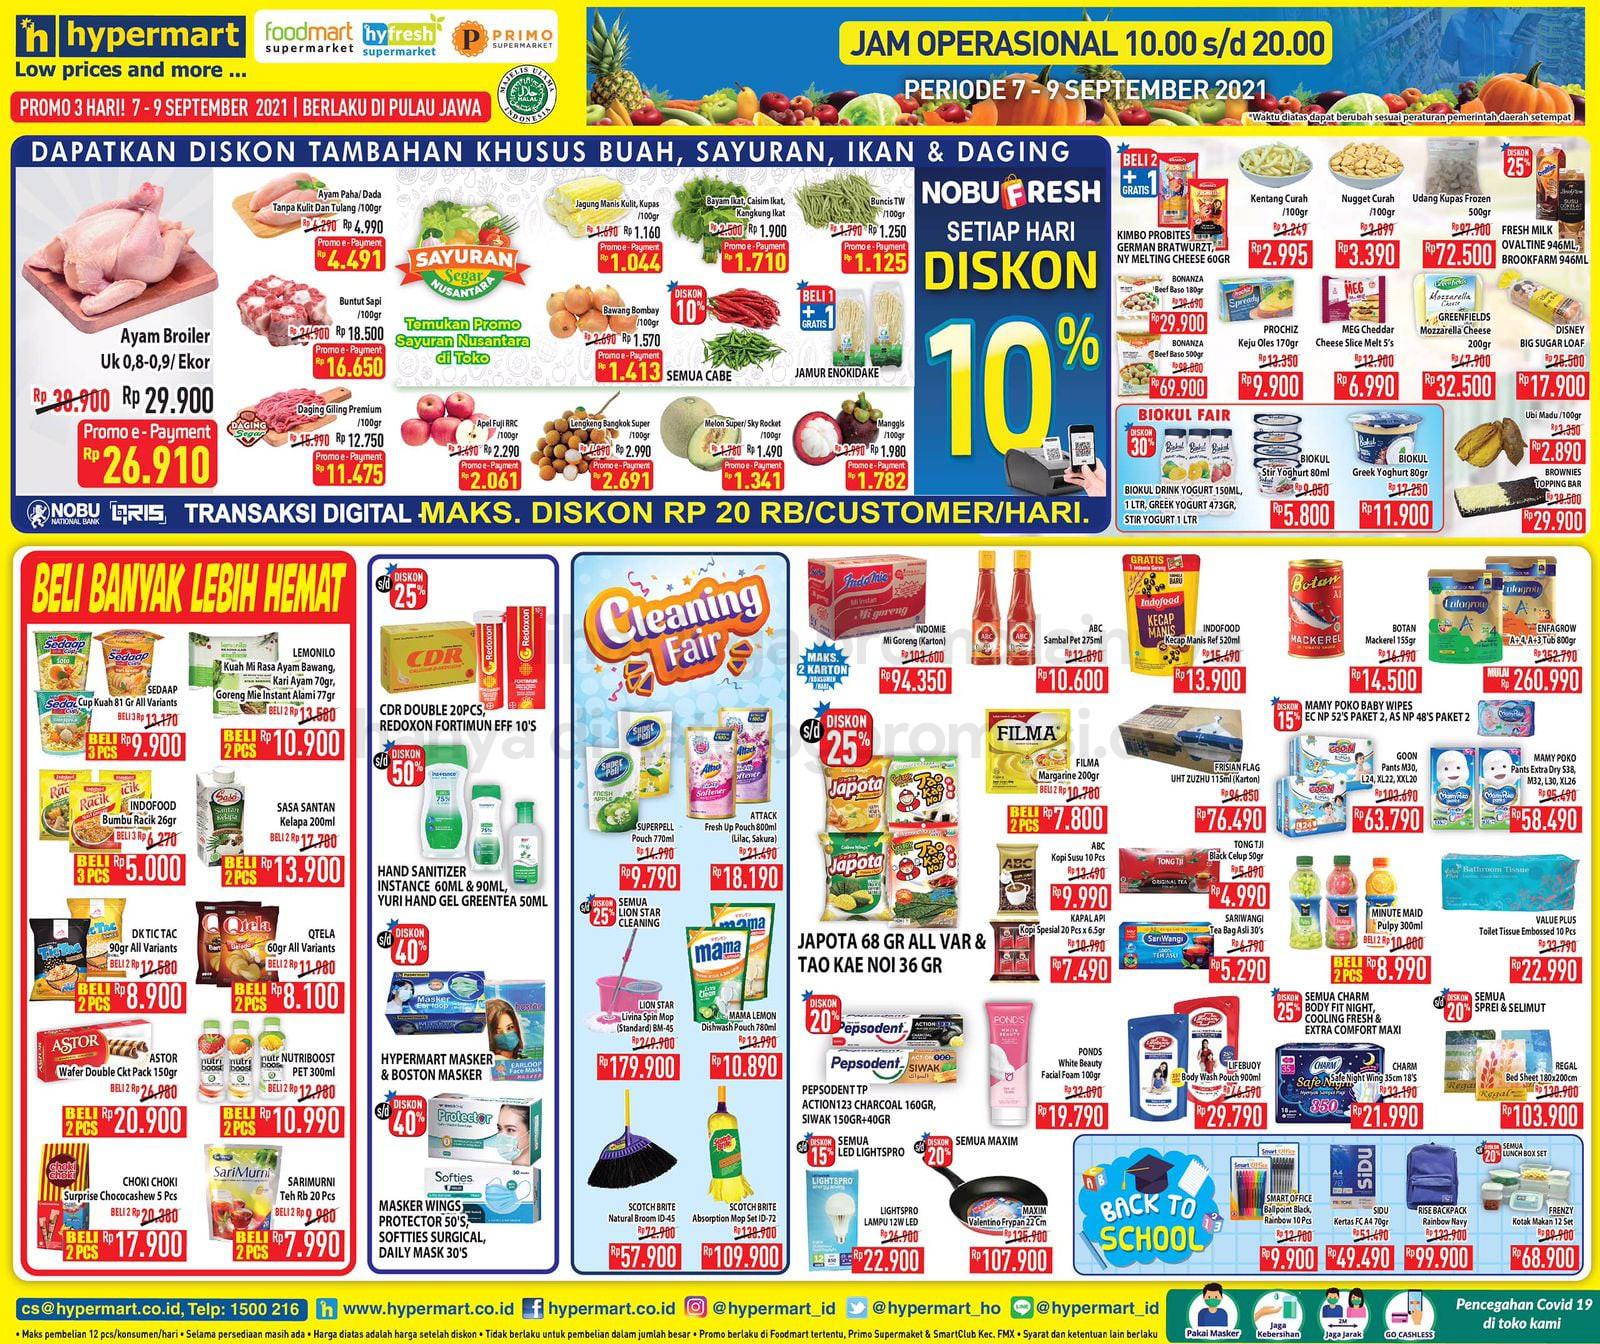 Katalog Hypermart Promo Weekday periode 07-09 September 2021